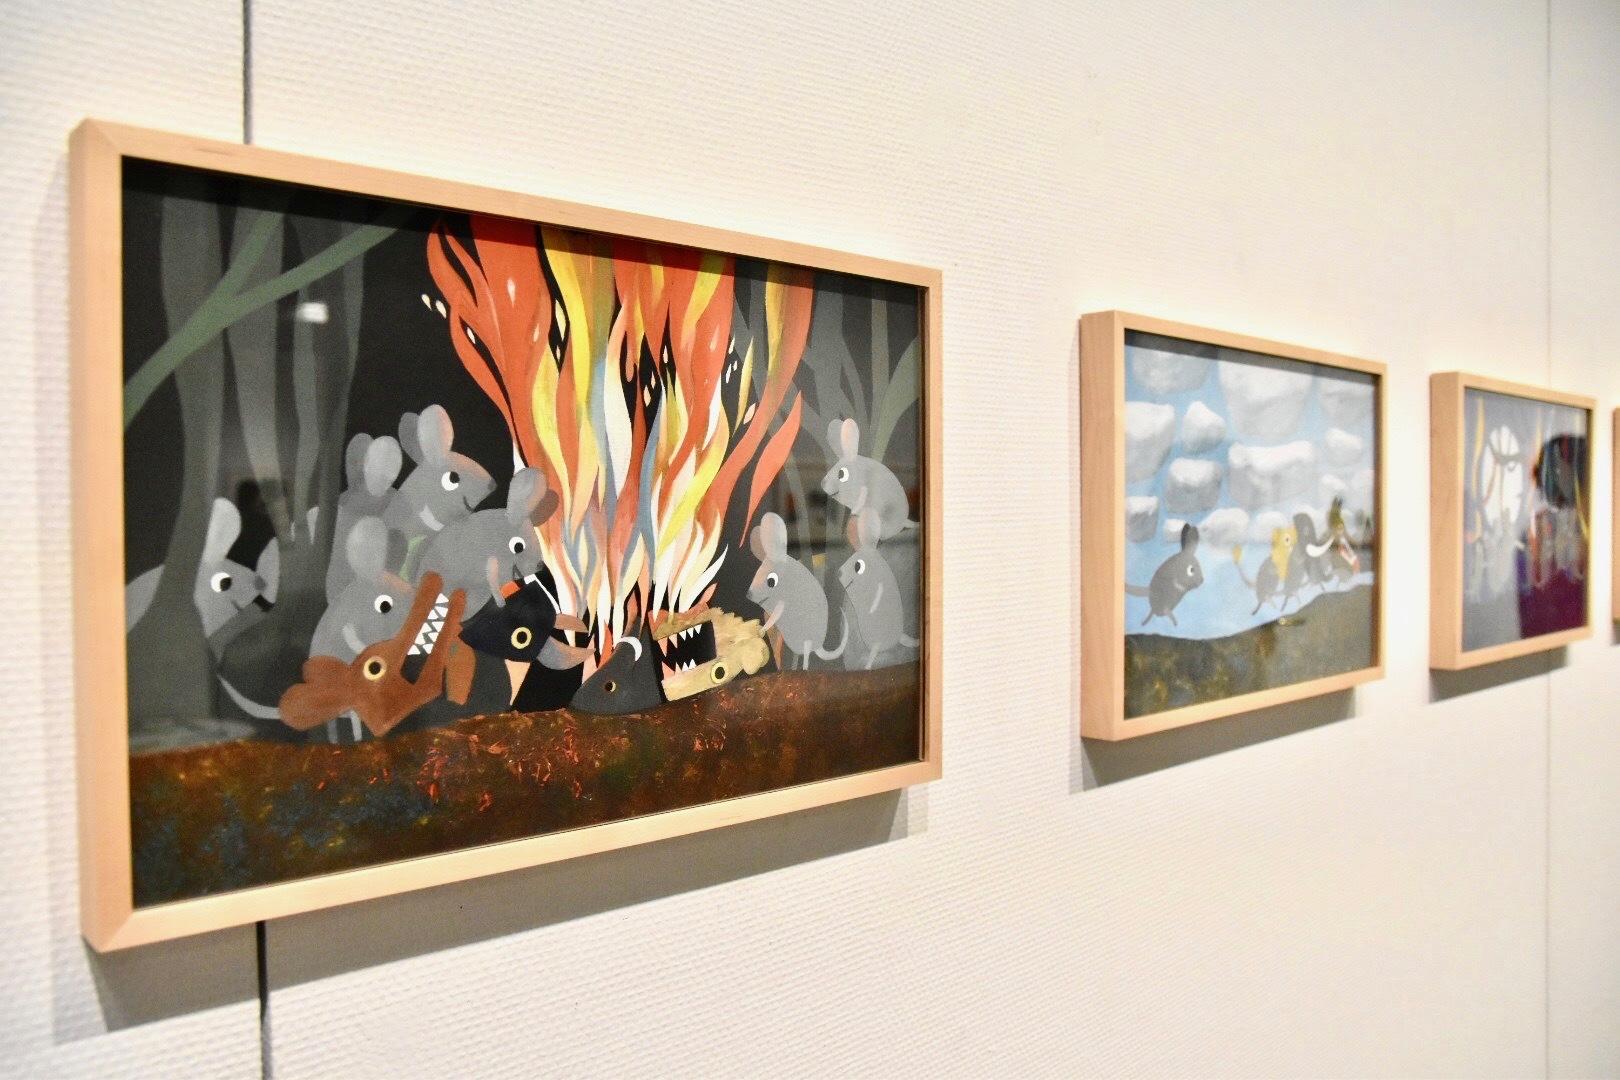 『みどりの しっぽの ねずみ』原画 1973年 アニー・レオーニ氏所蔵